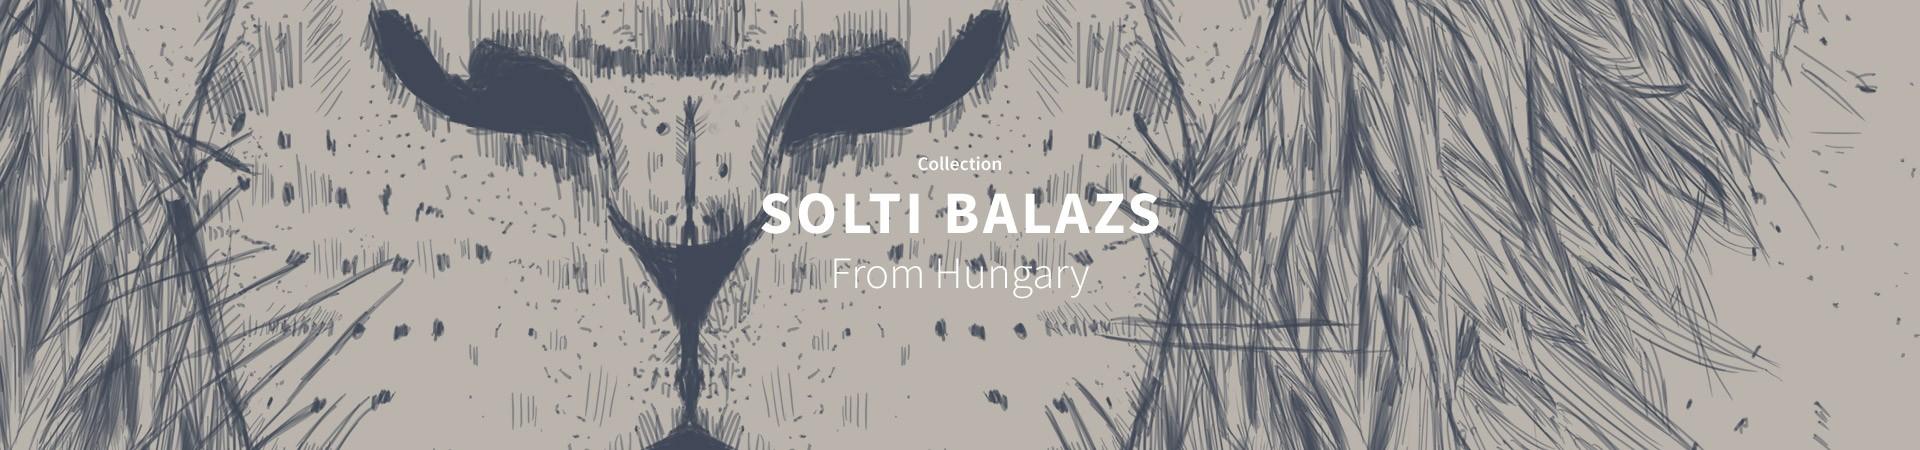 Solti Balazs